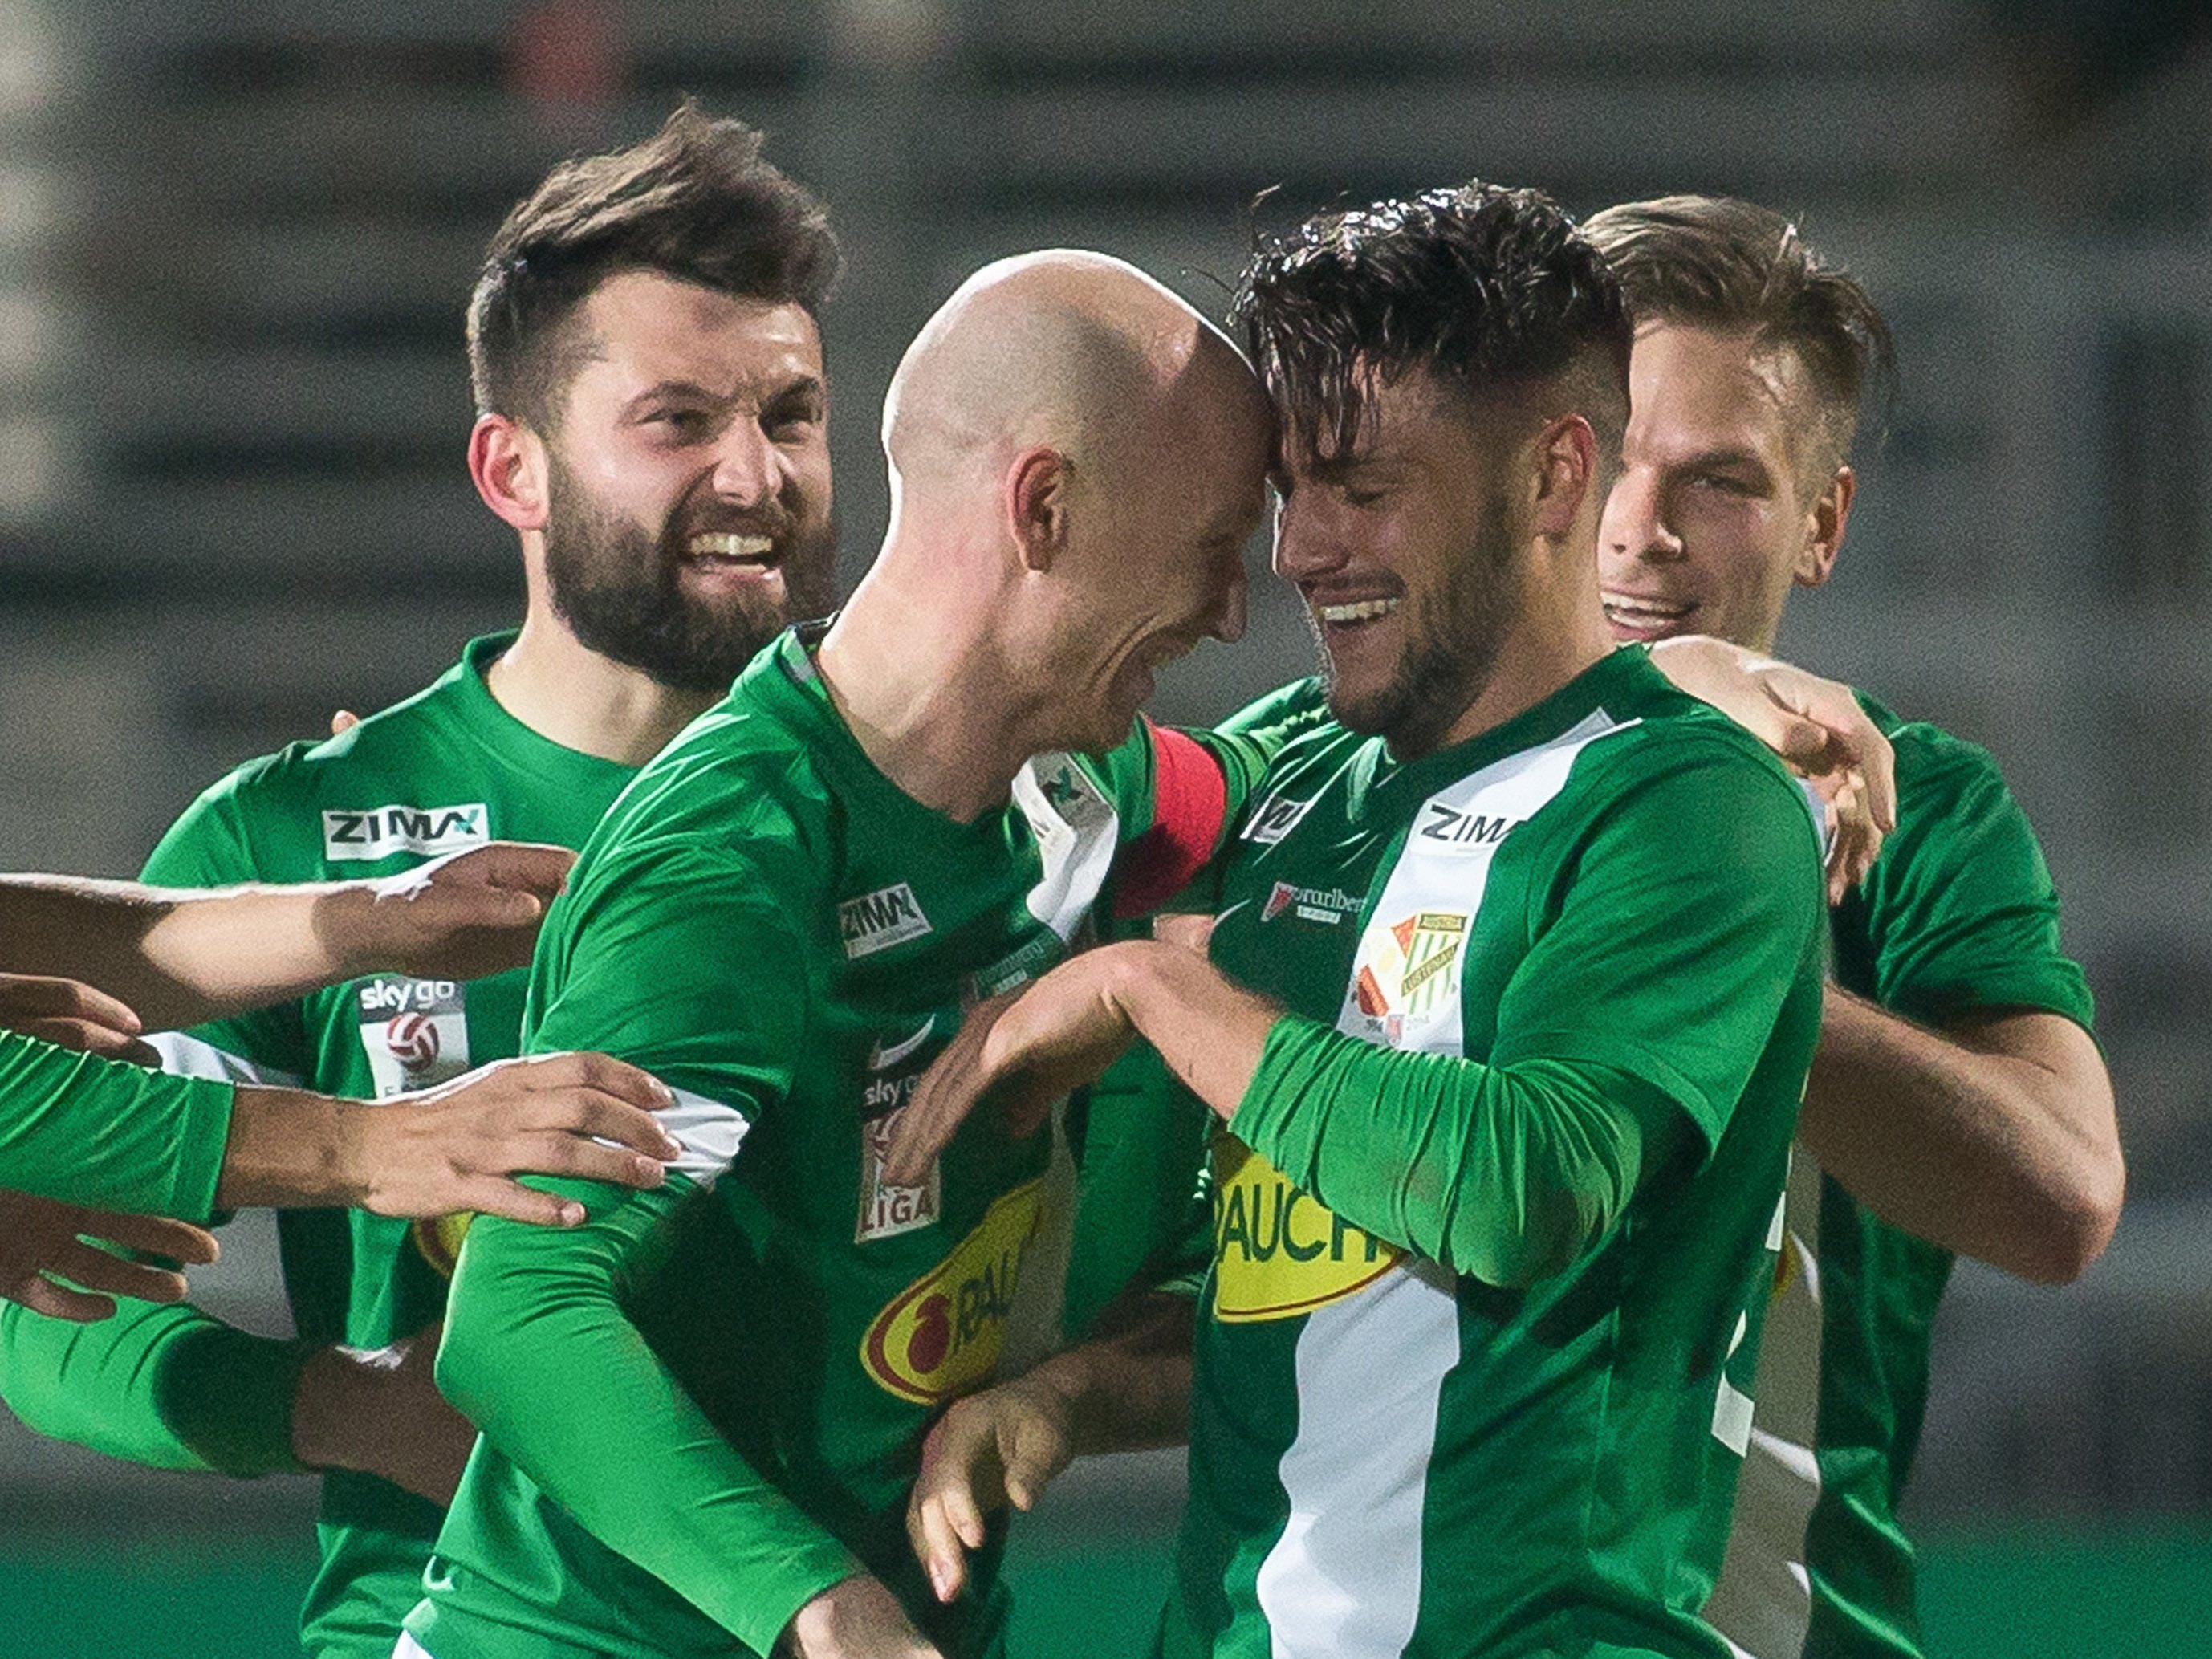 Trotz Aufwärtstrend steht den Lustenauern ein schweres Auswärtsspiel in Innsbruck bevor.